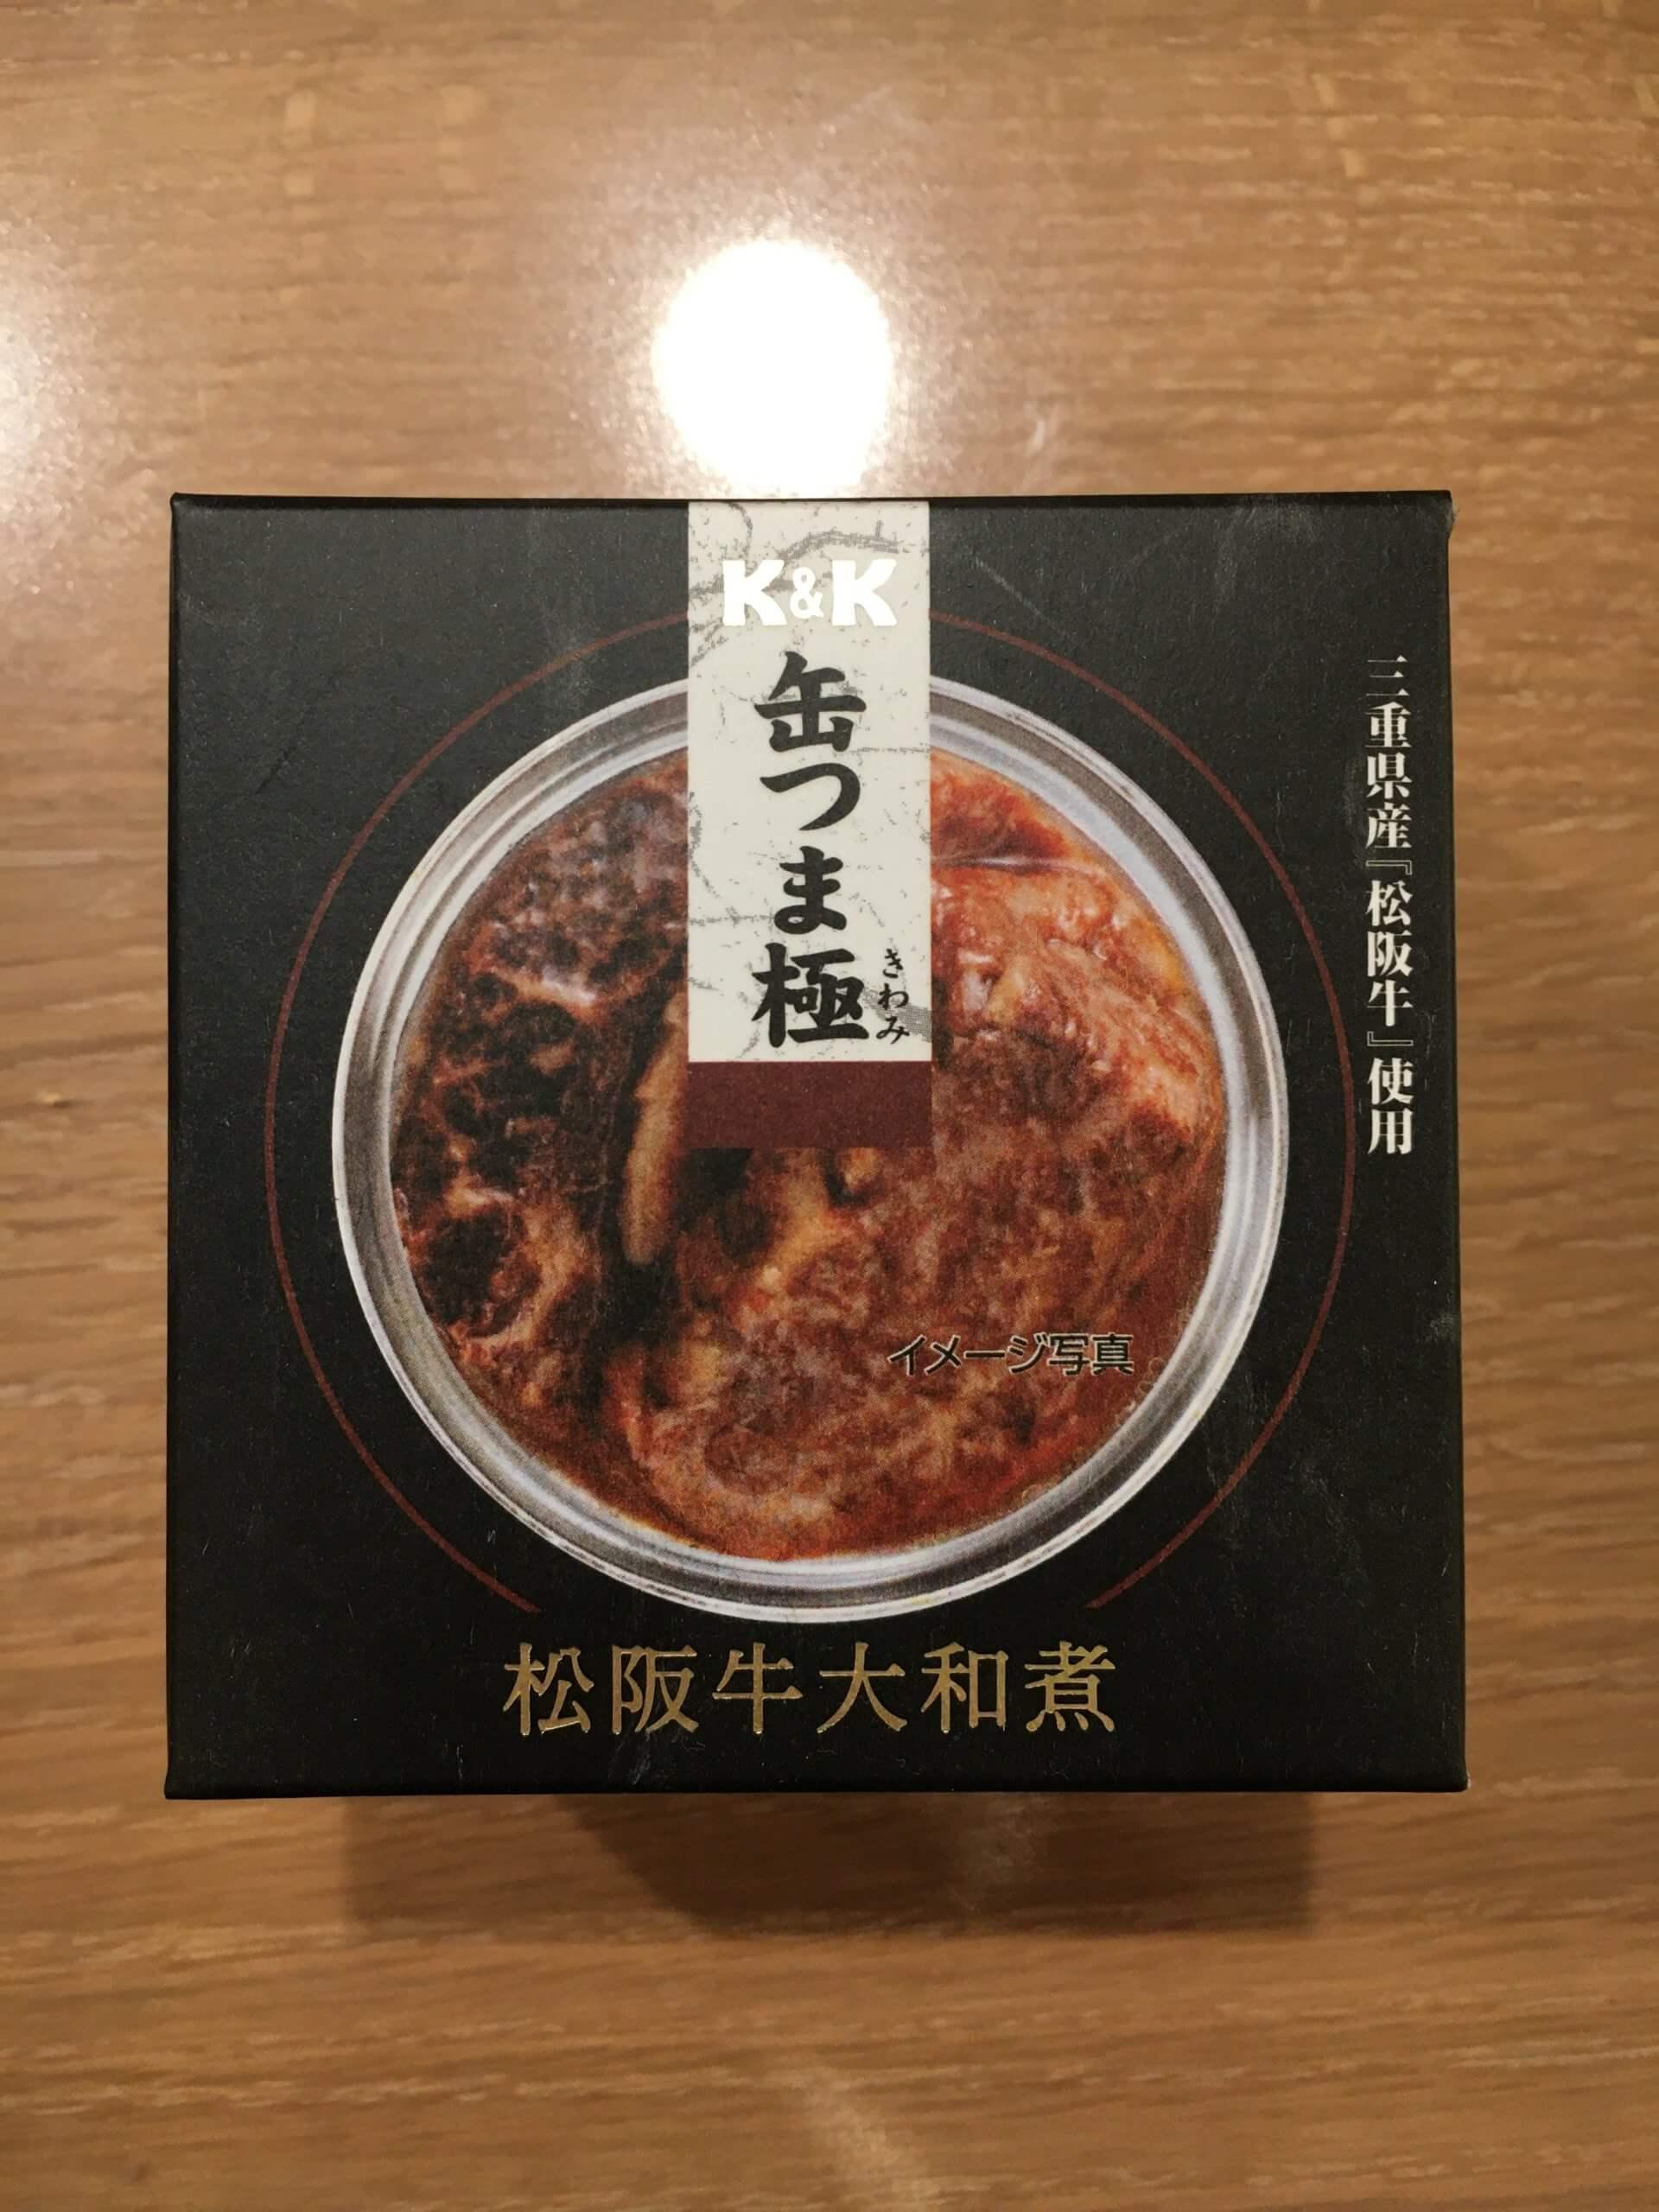 缶つま極 松阪牛大和煮 高級だからって美味しいの?